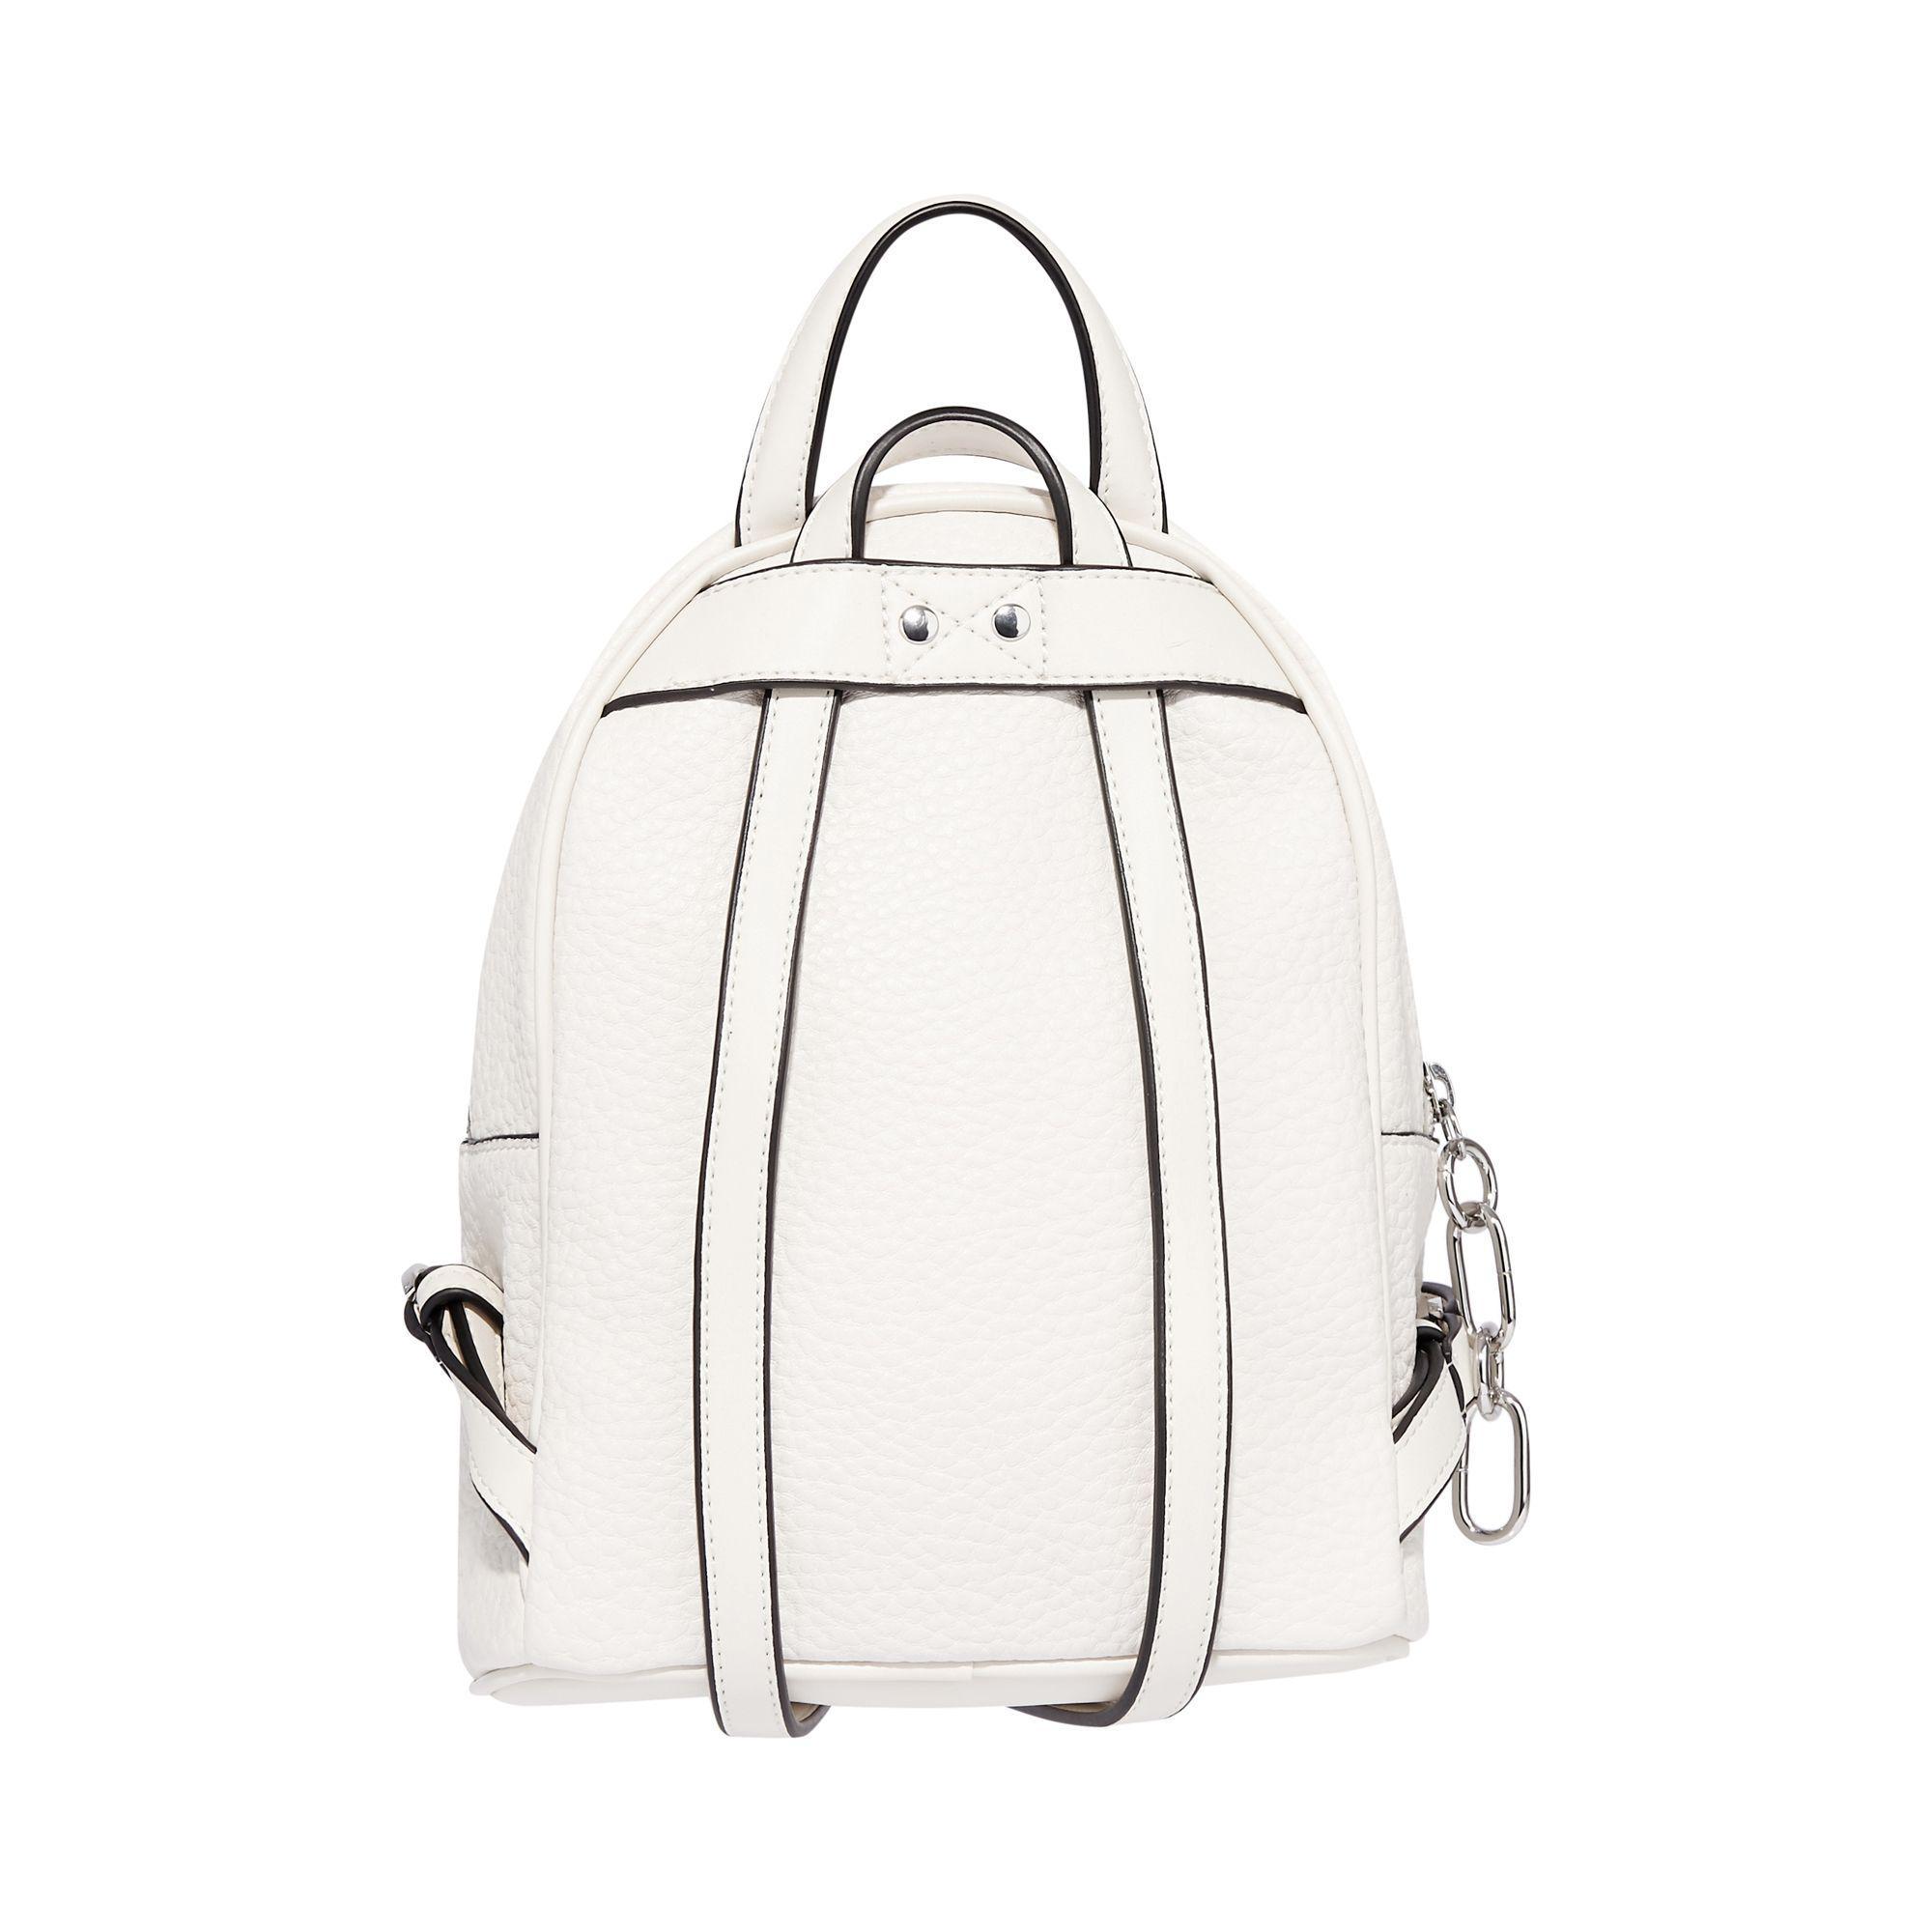 Fiorelli White  bono  Mini Backpack in White - Lyst